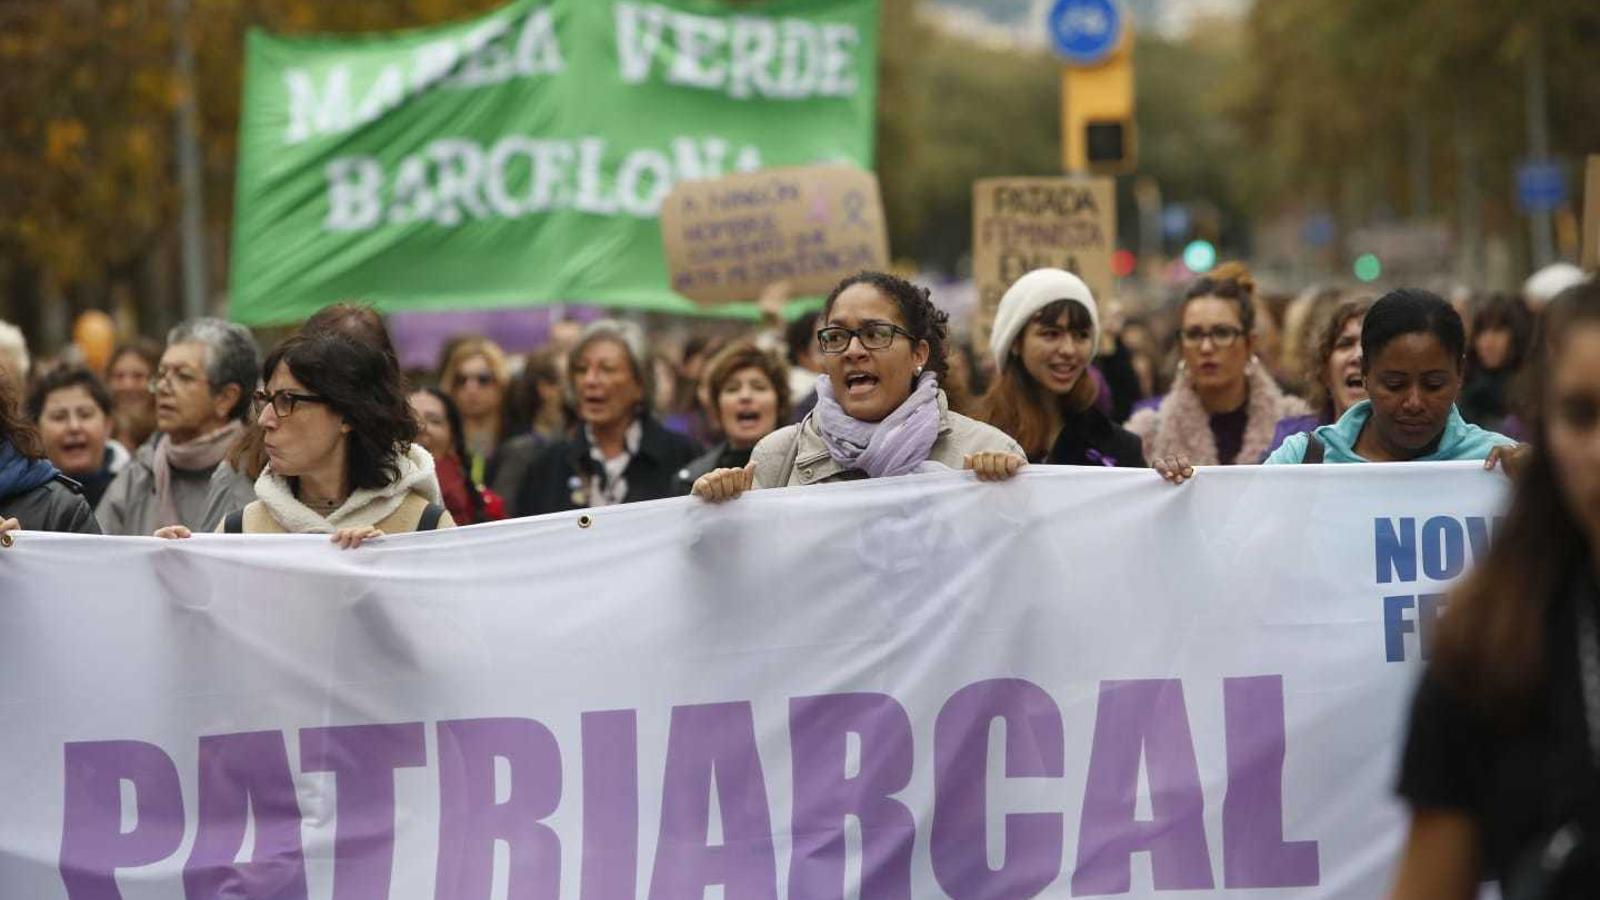 La manifestació contra la violència masclista ha arrencat a la plaça Universitat.